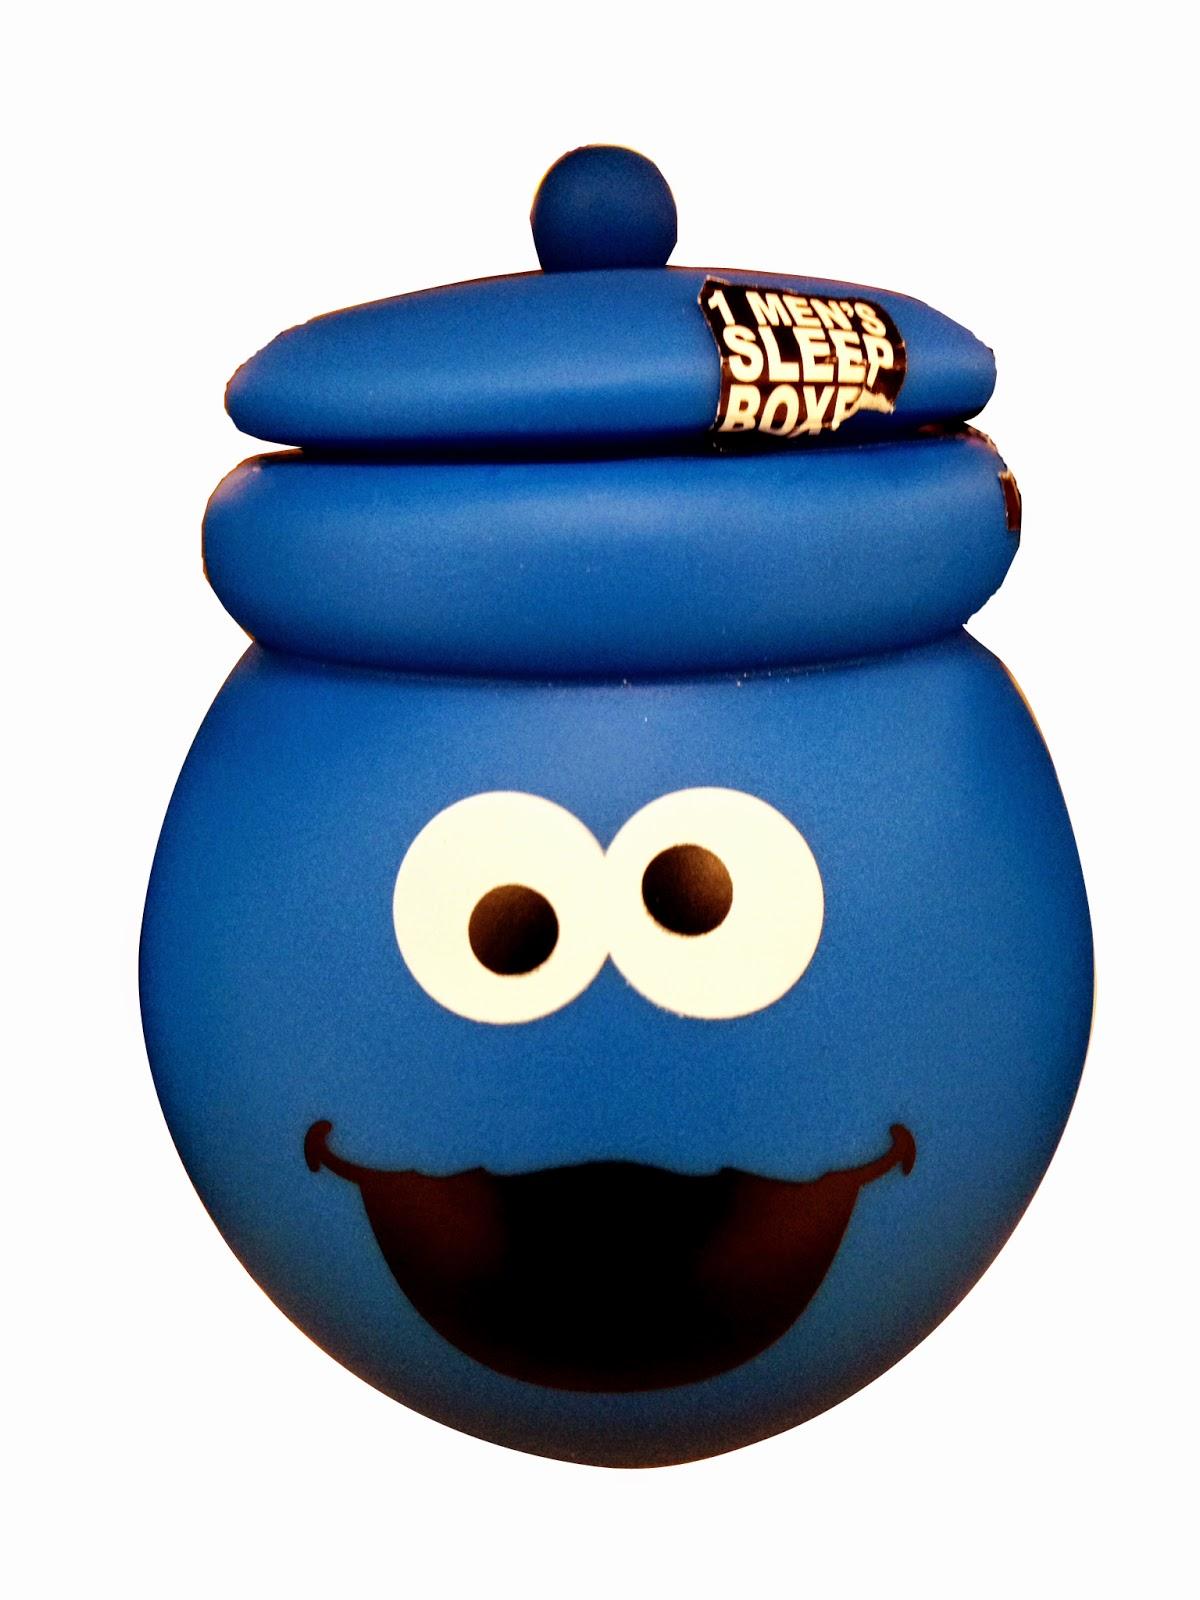 Muppet Stuff Cookie Monster Boxers Cookie Jar